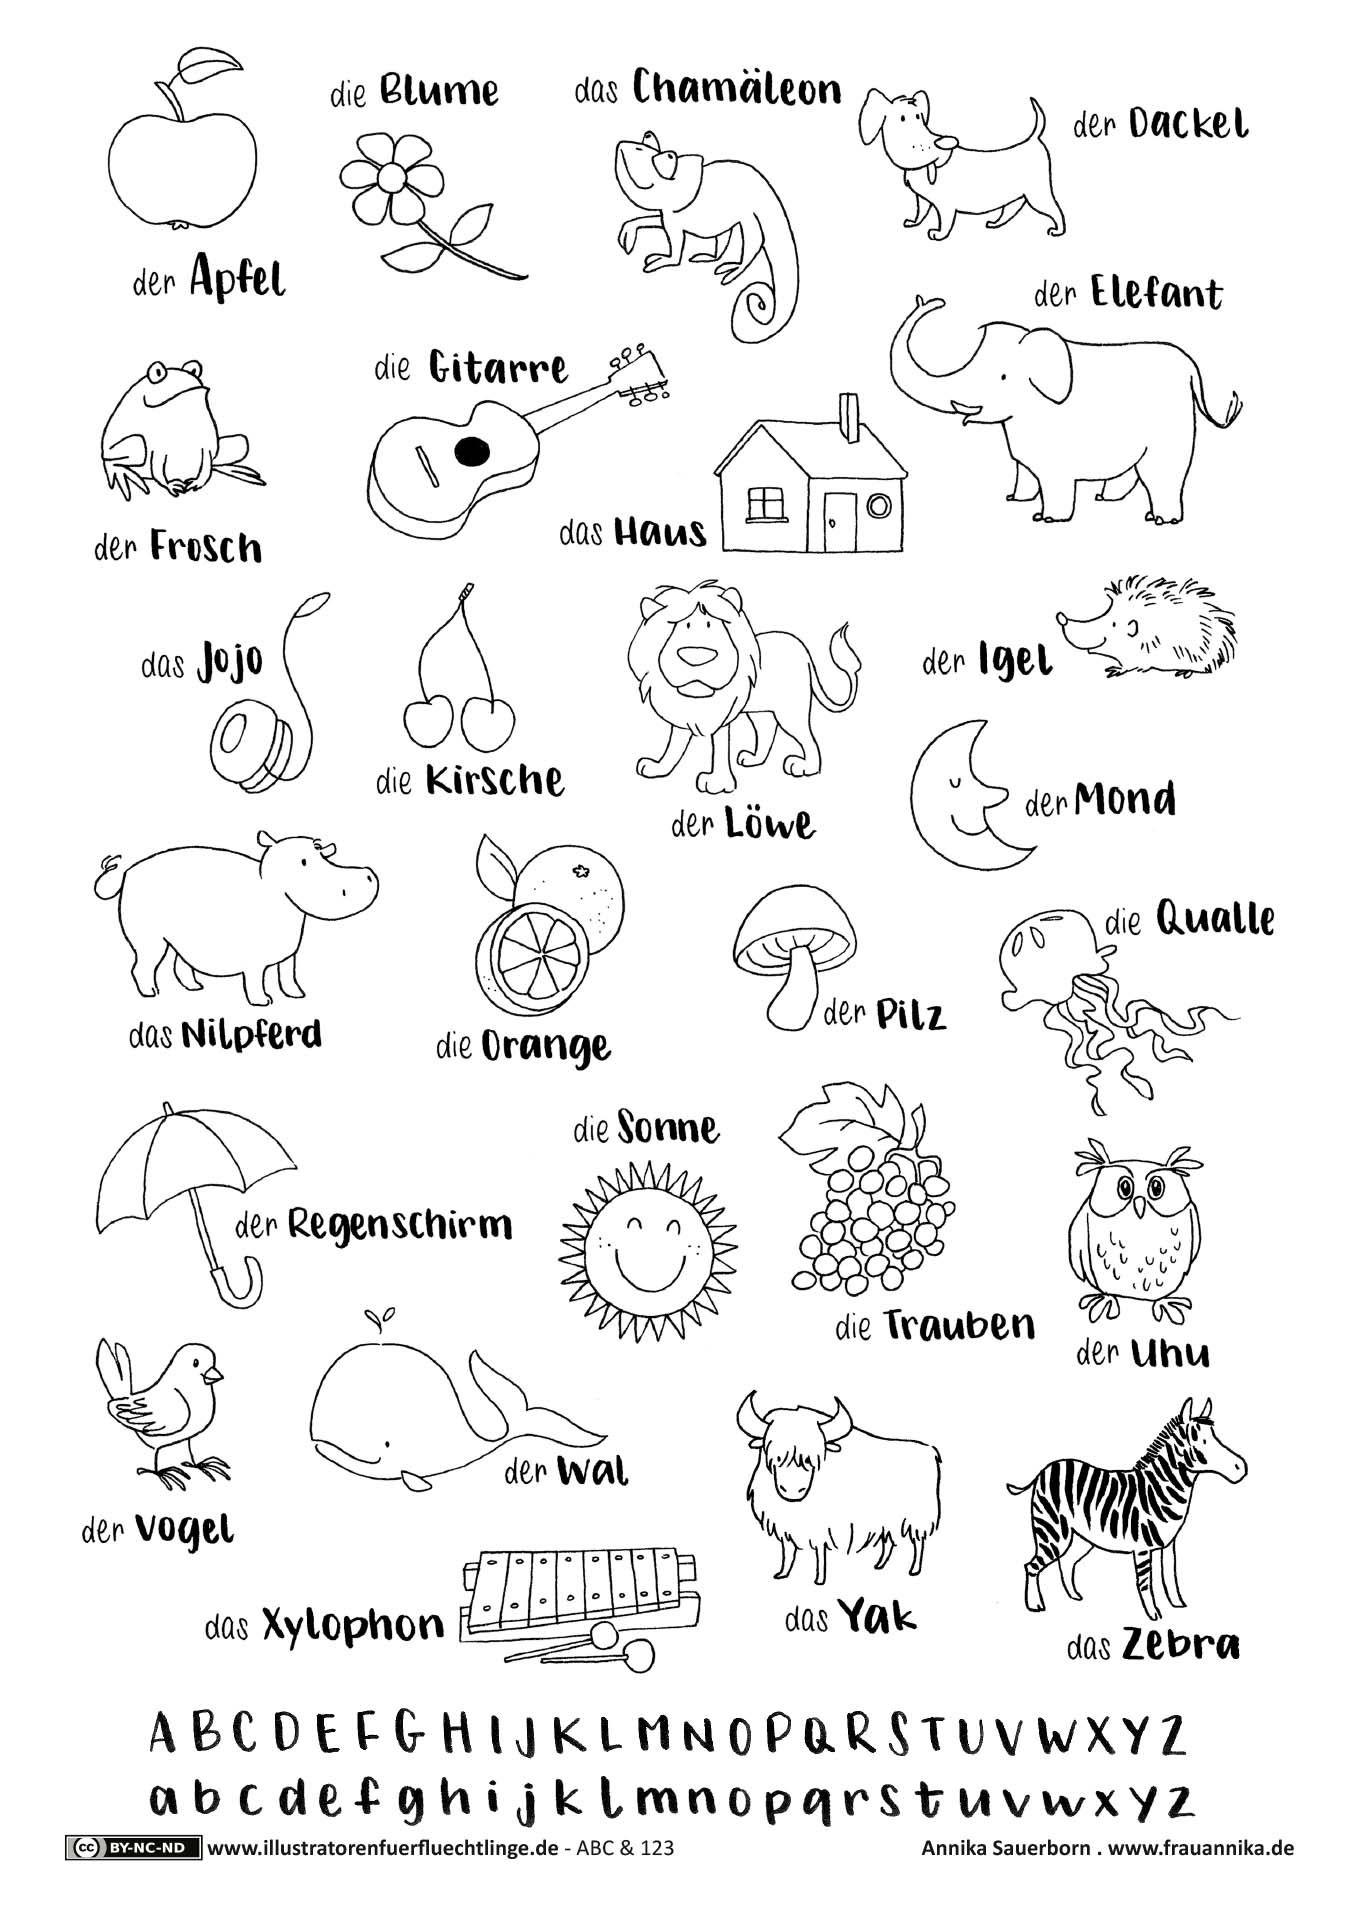 ABC und 123 - ABC der Dinge - Sauerborn | Kindergarten portfolio ...